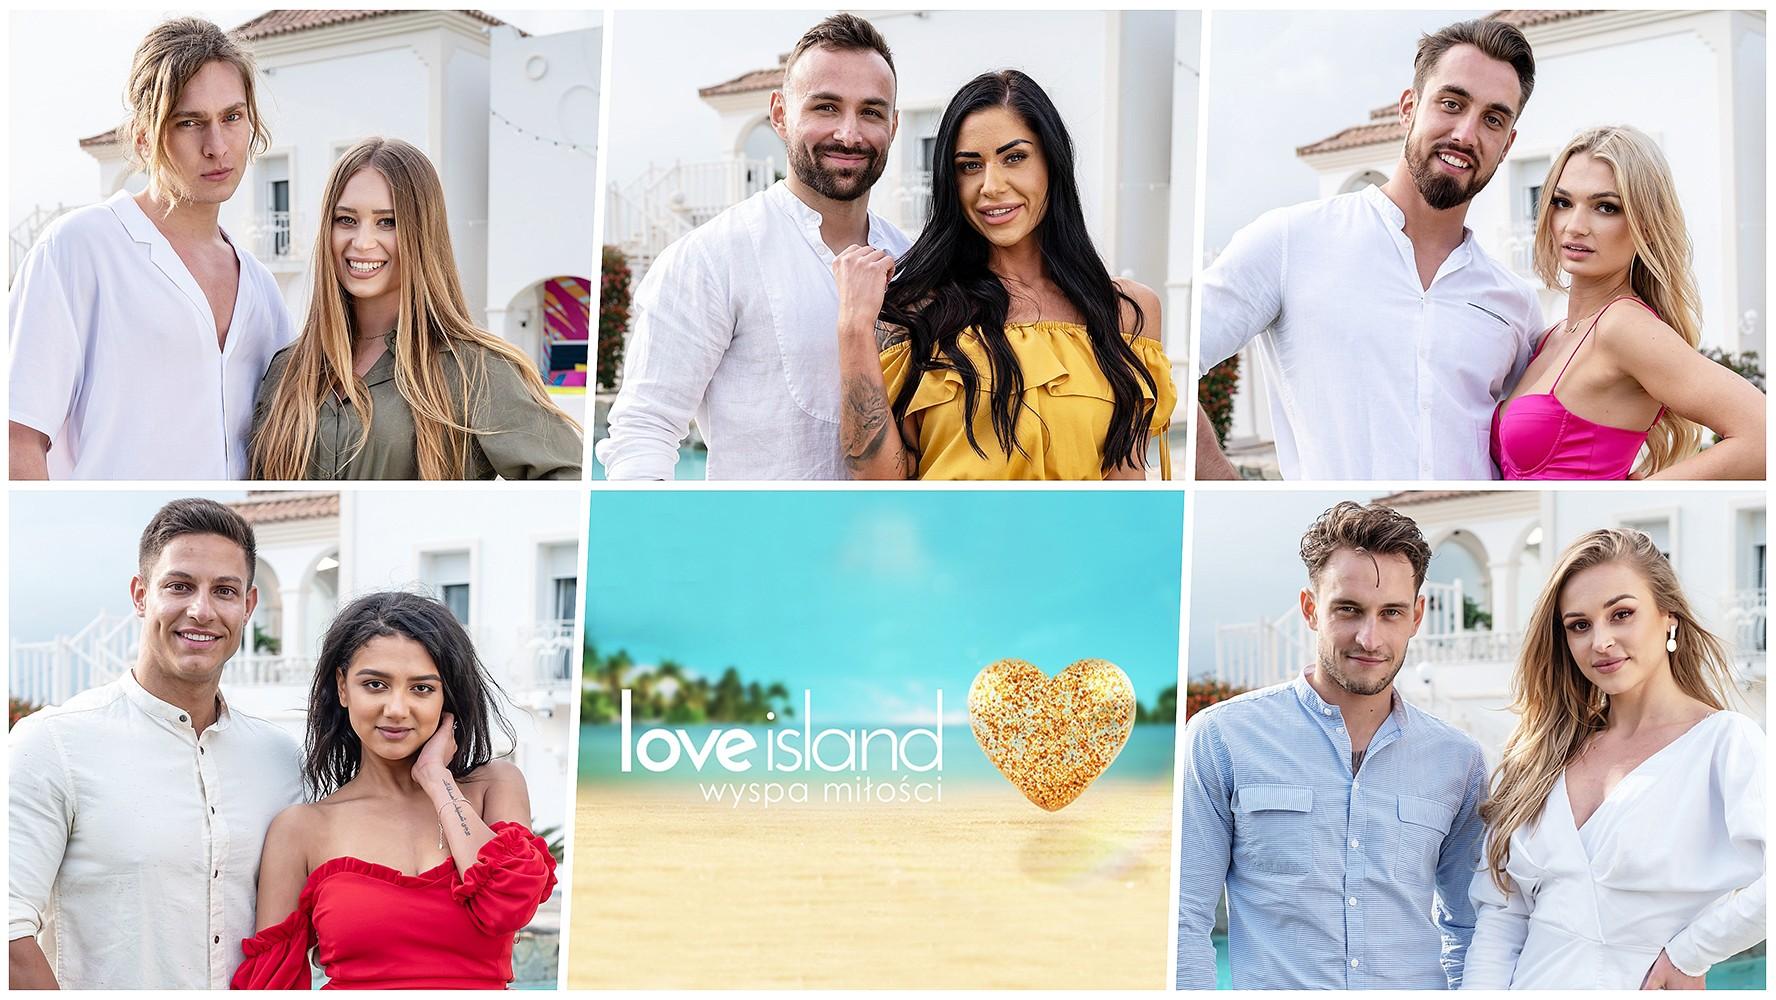 """""""Love Island. Wyspa miłości"""" - edycja 3, odcinek 1"""